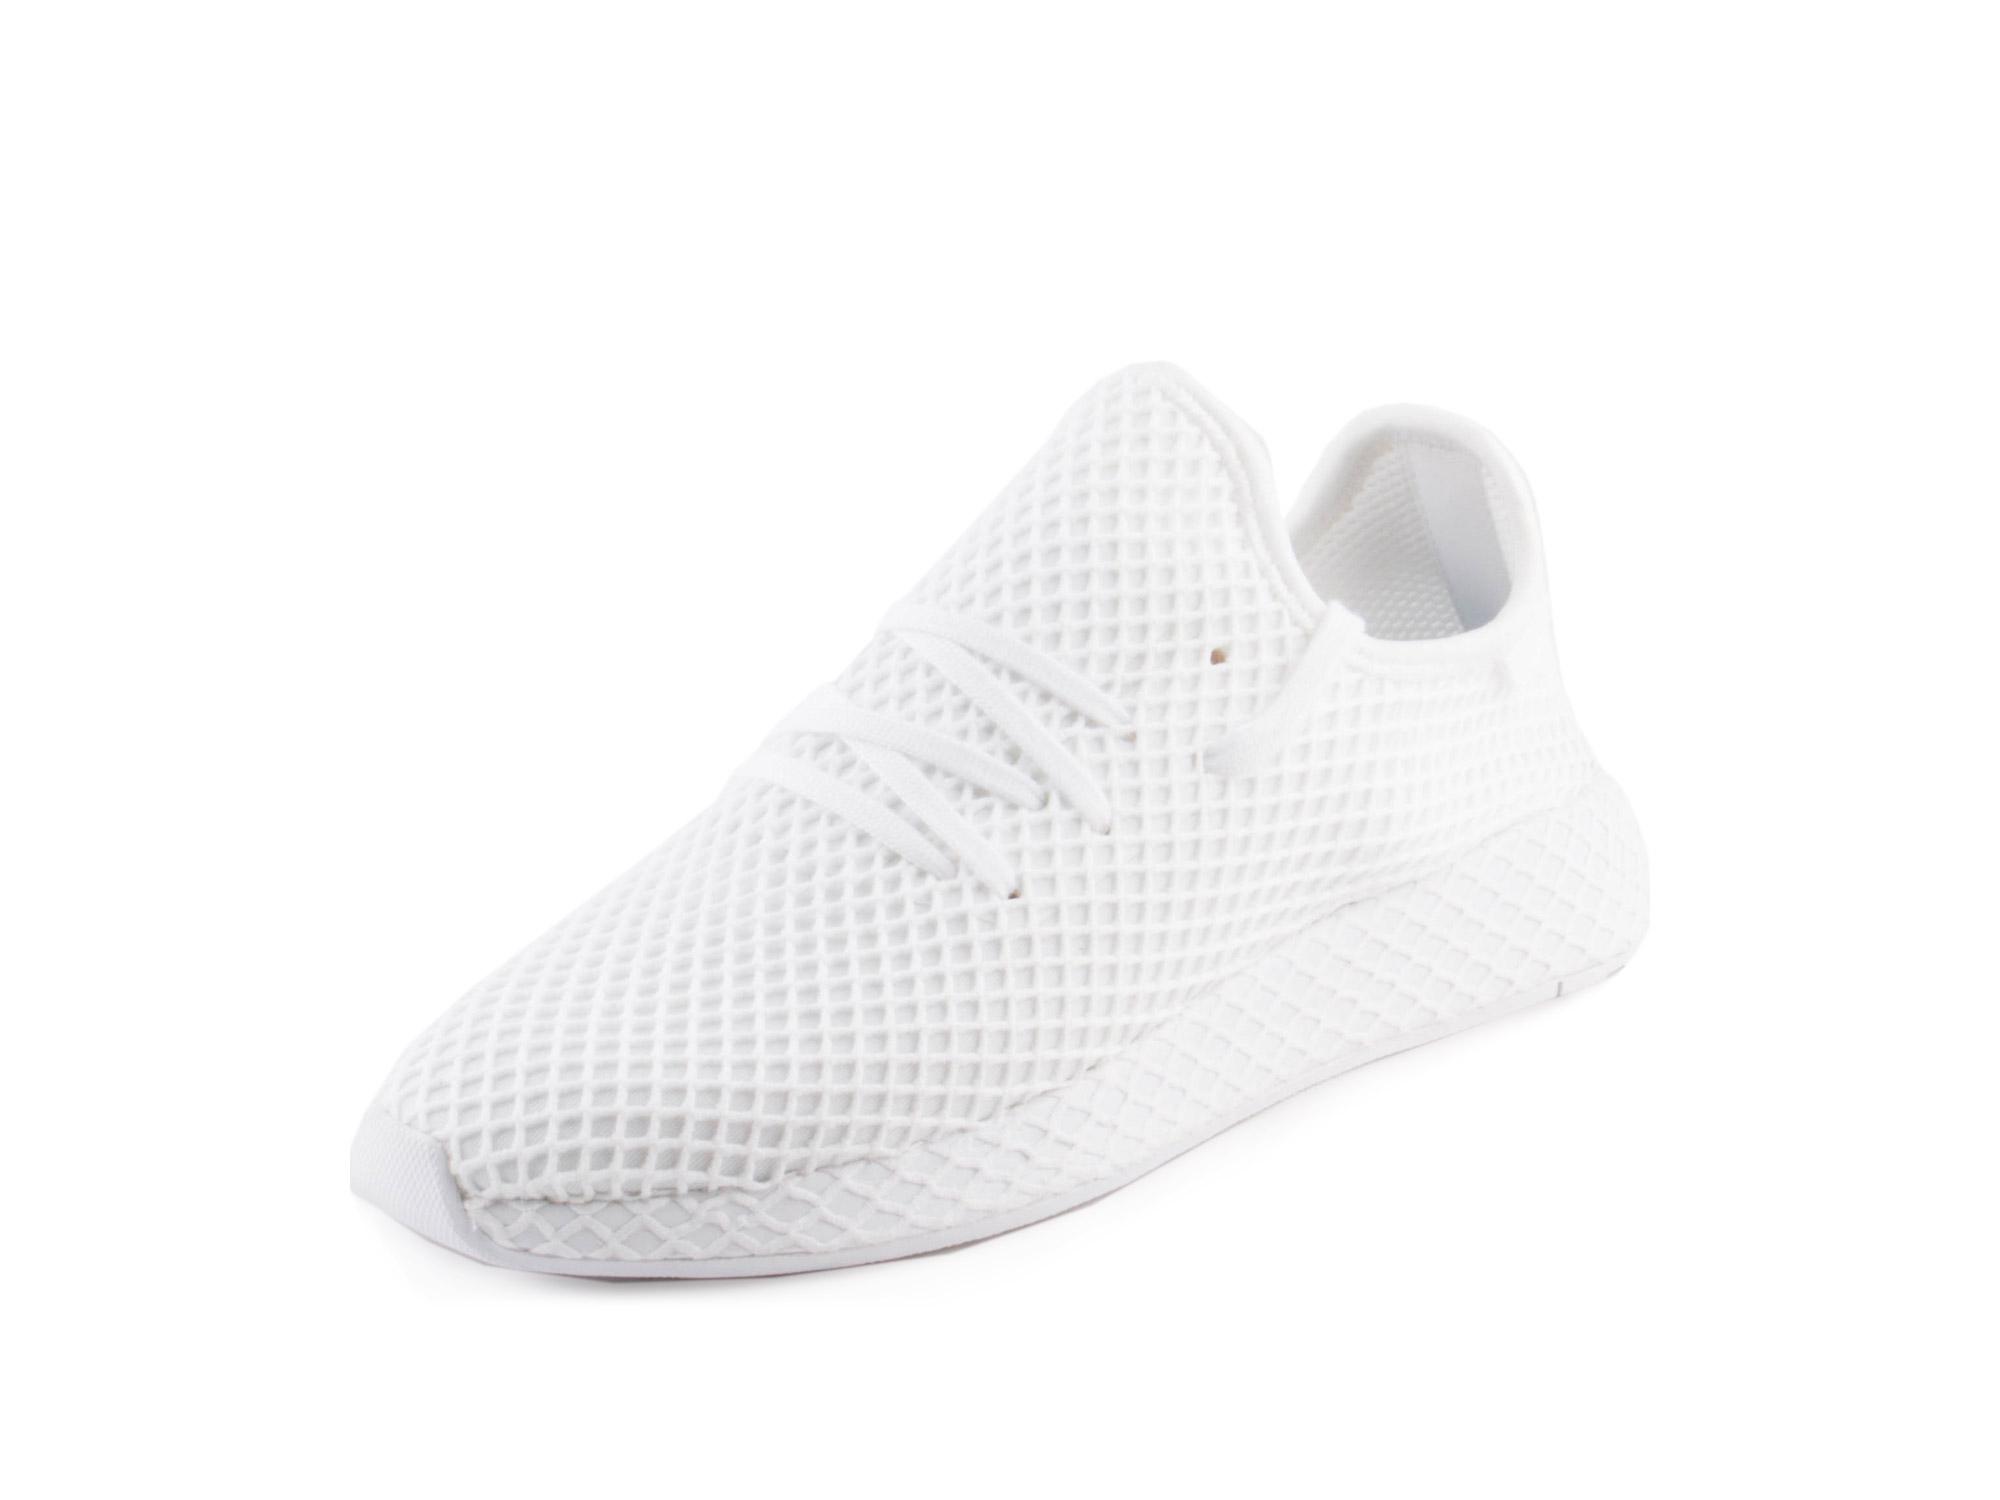 Adidas Mens Originals Deerupt Runner White White White CQ2625 by Adidas